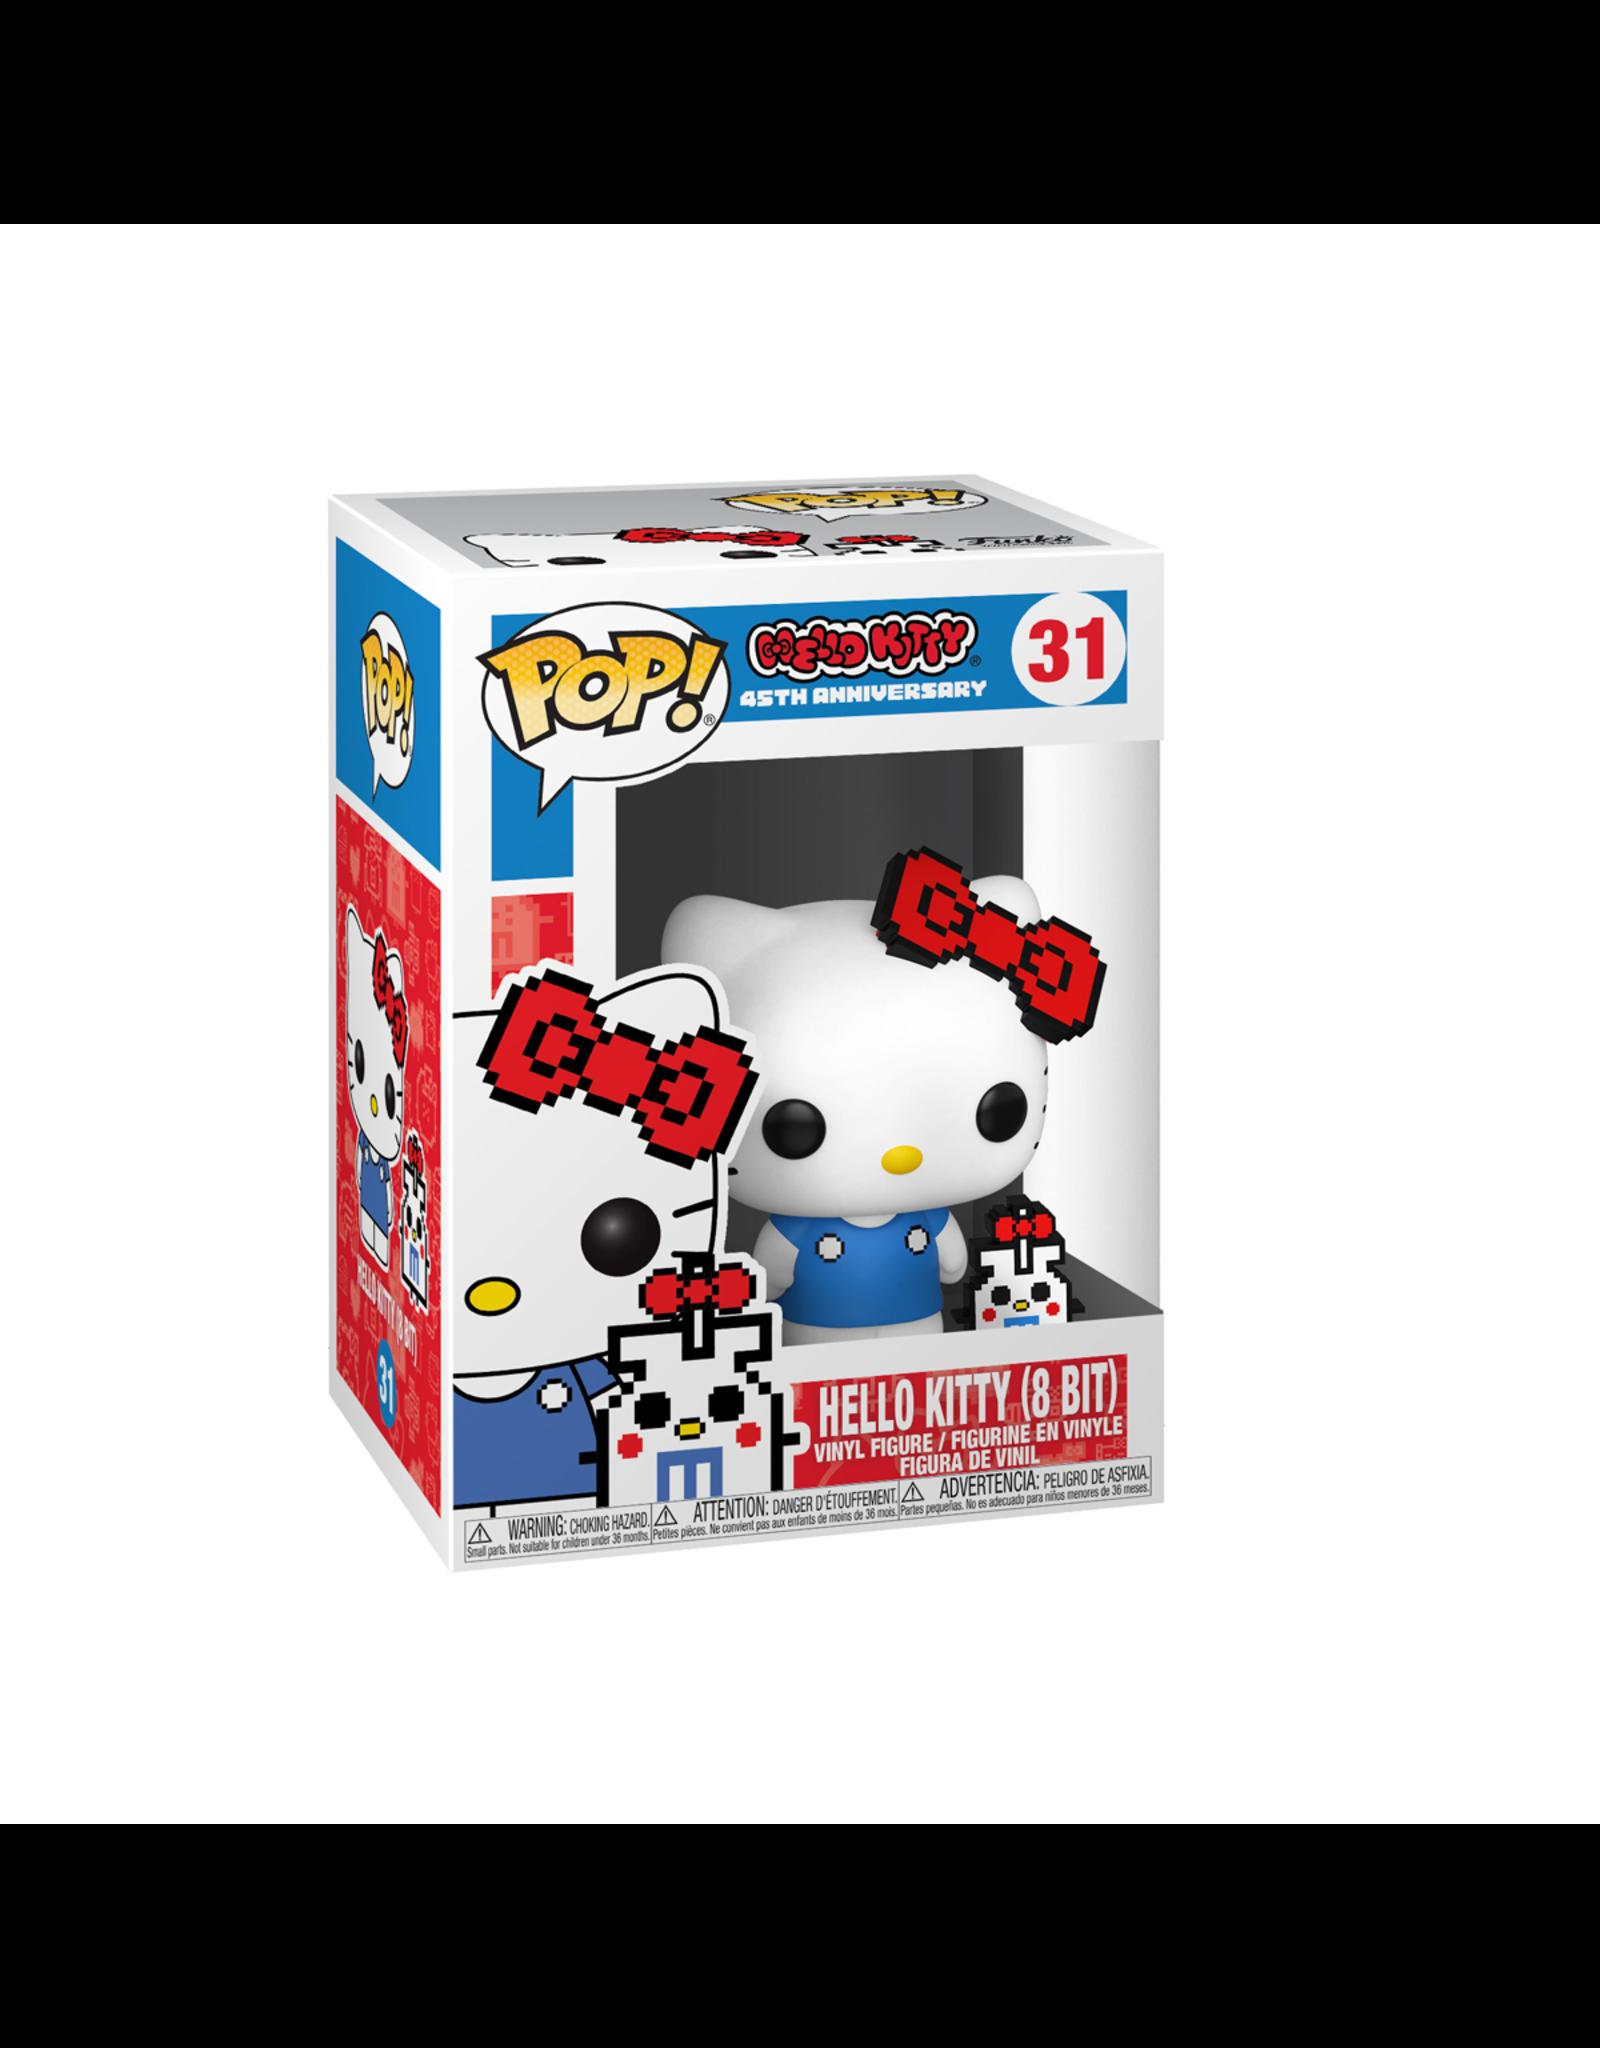 Hello Kitty - Hello Kitty (8 Bit) - Funko Pop! Hello Kitty 45th Anniversary - 31